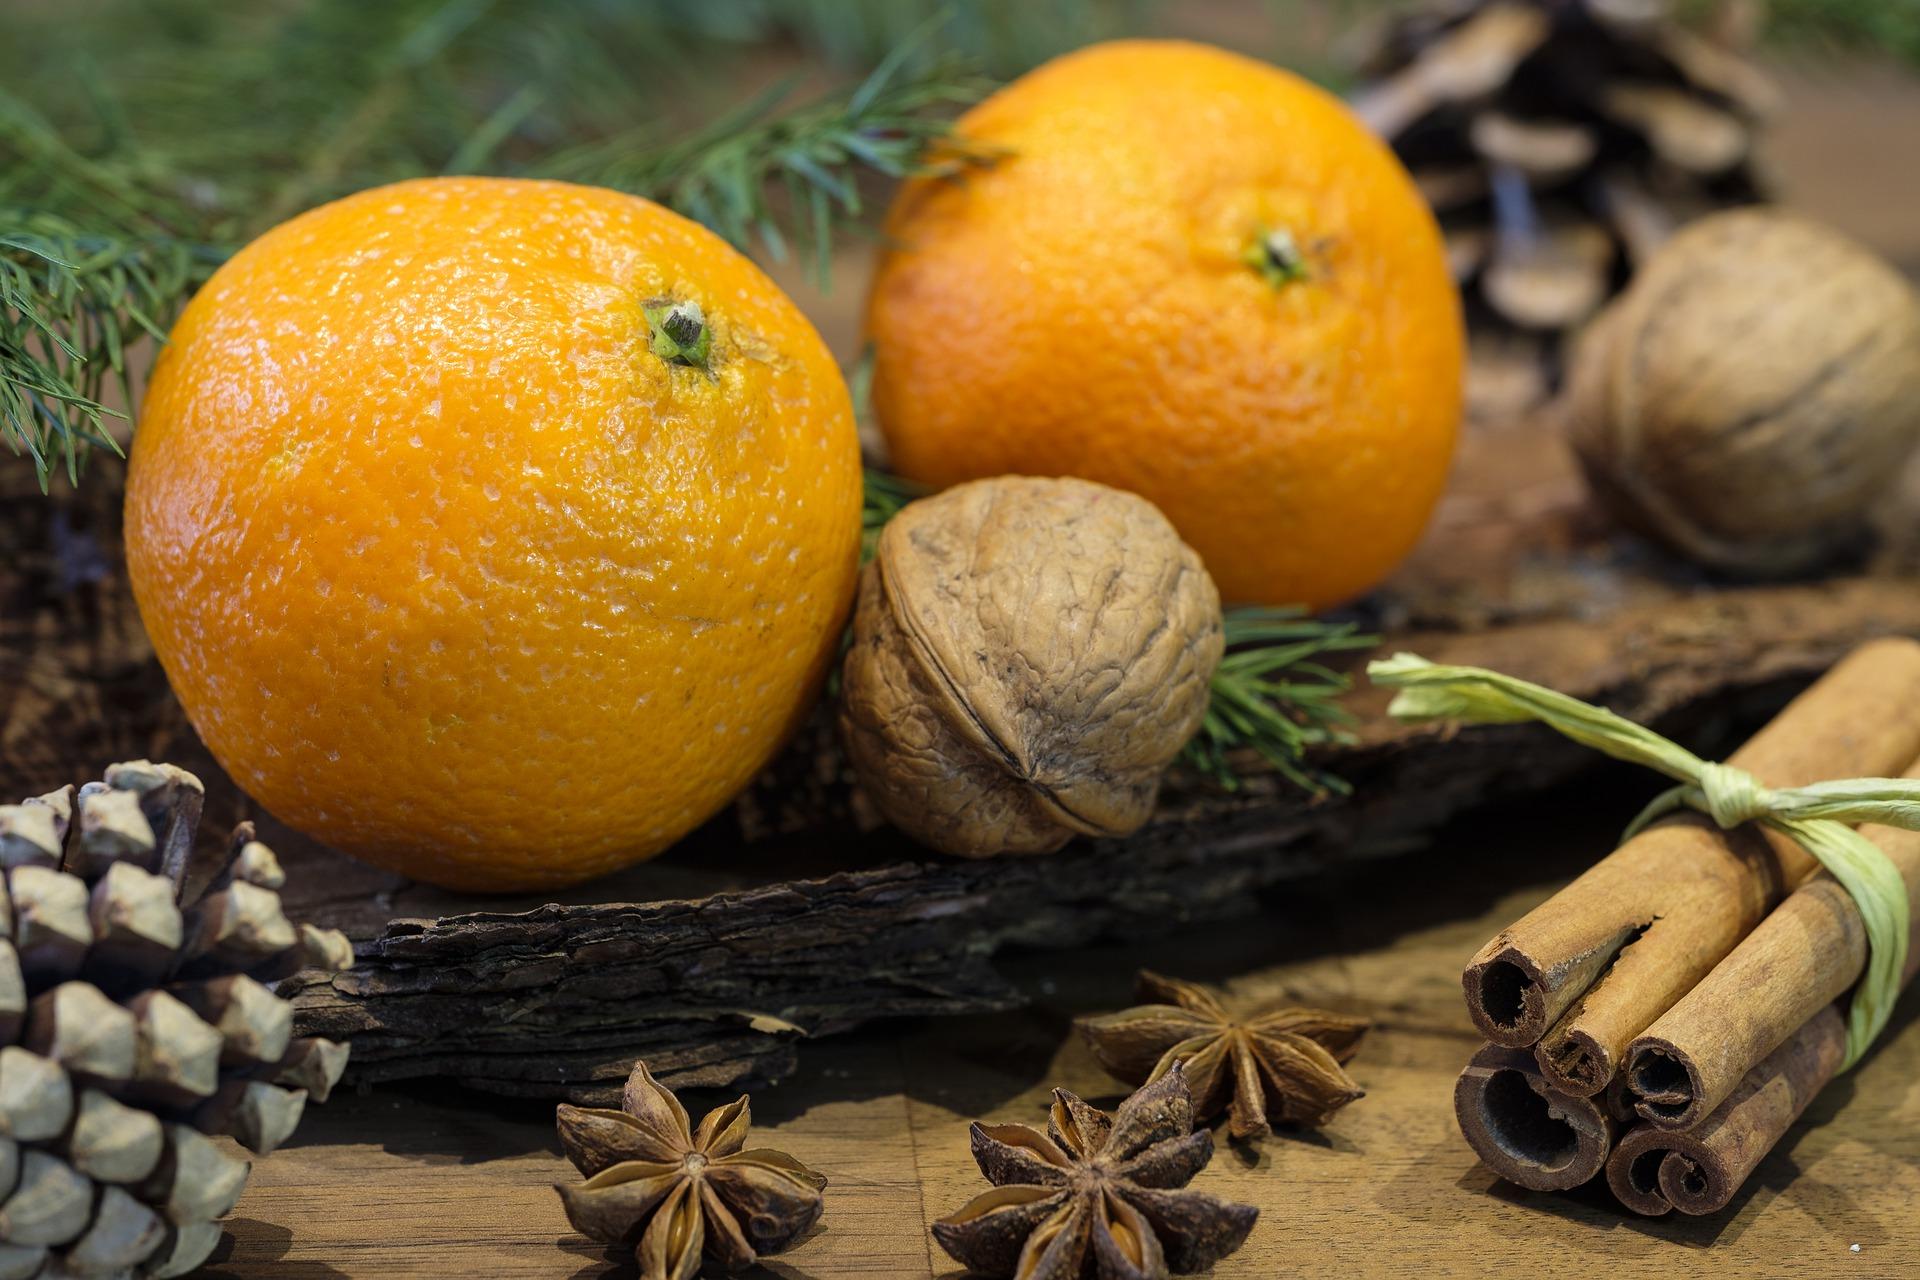 Παραδοσιακή βασιλόπιτα από τα βουνά της Πίνδου, με κανέλα και πορτοκάλι